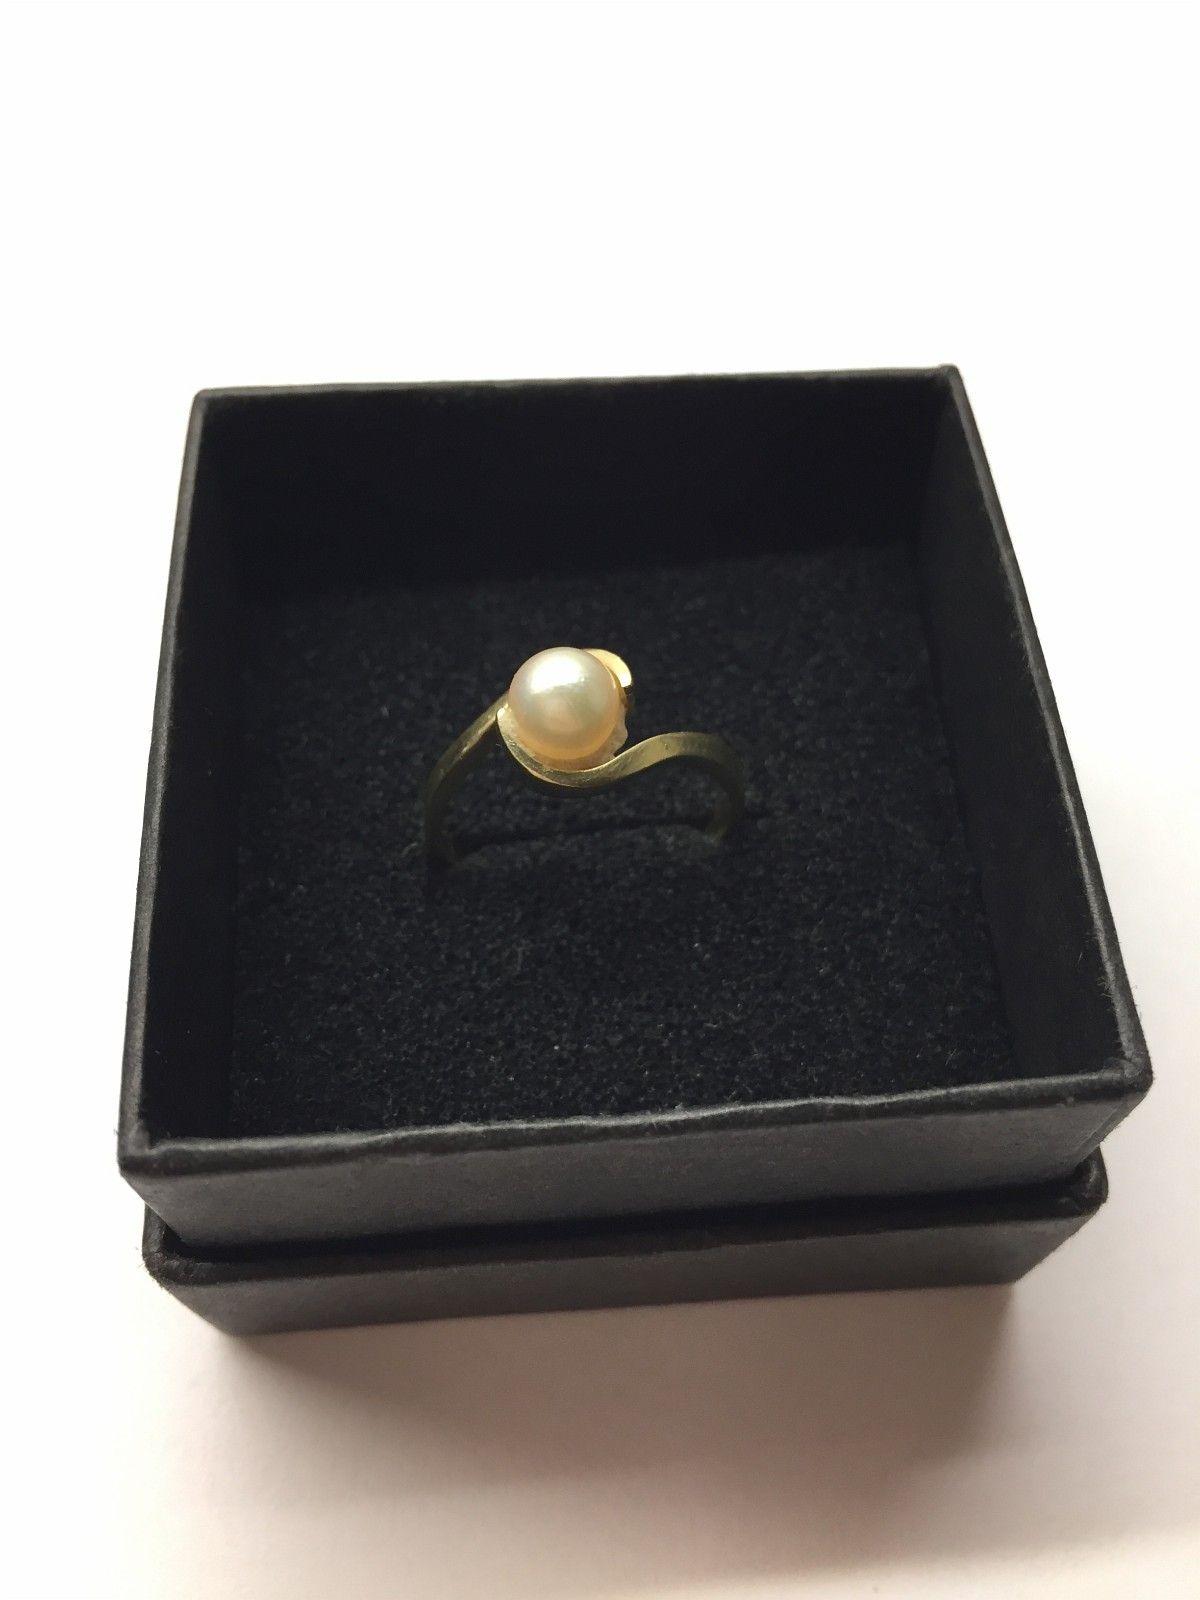 Ring i gull med perle - Oslo  - Lekker gullring i 14k med perle til salgs. Ringstørrelse 53-54. Porto kommer i tillegg. - Oslo